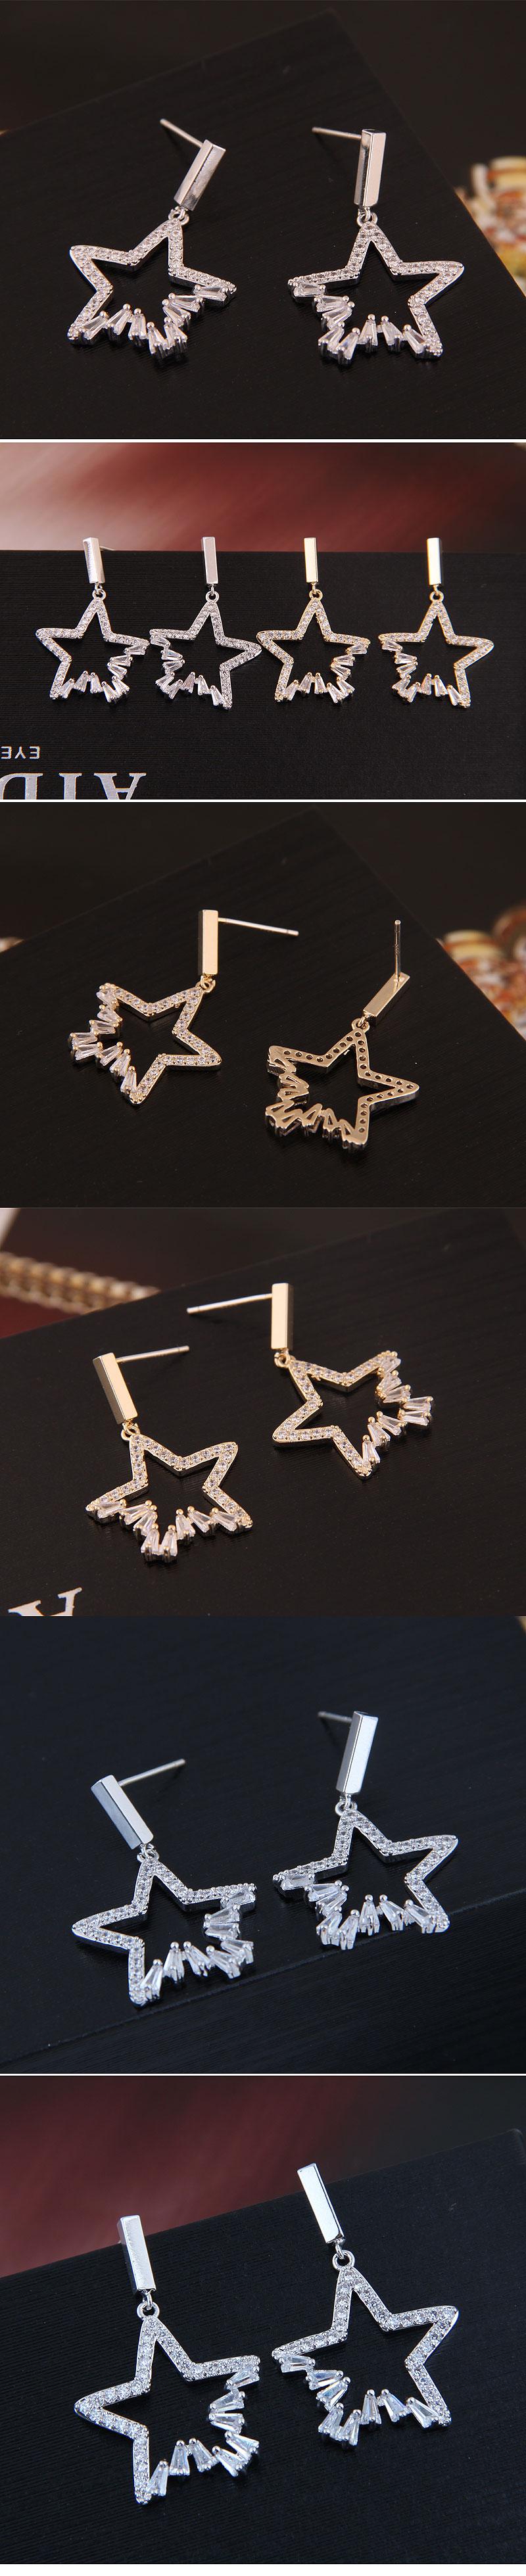 Copper & Zircon Earring Korea NHSC200203